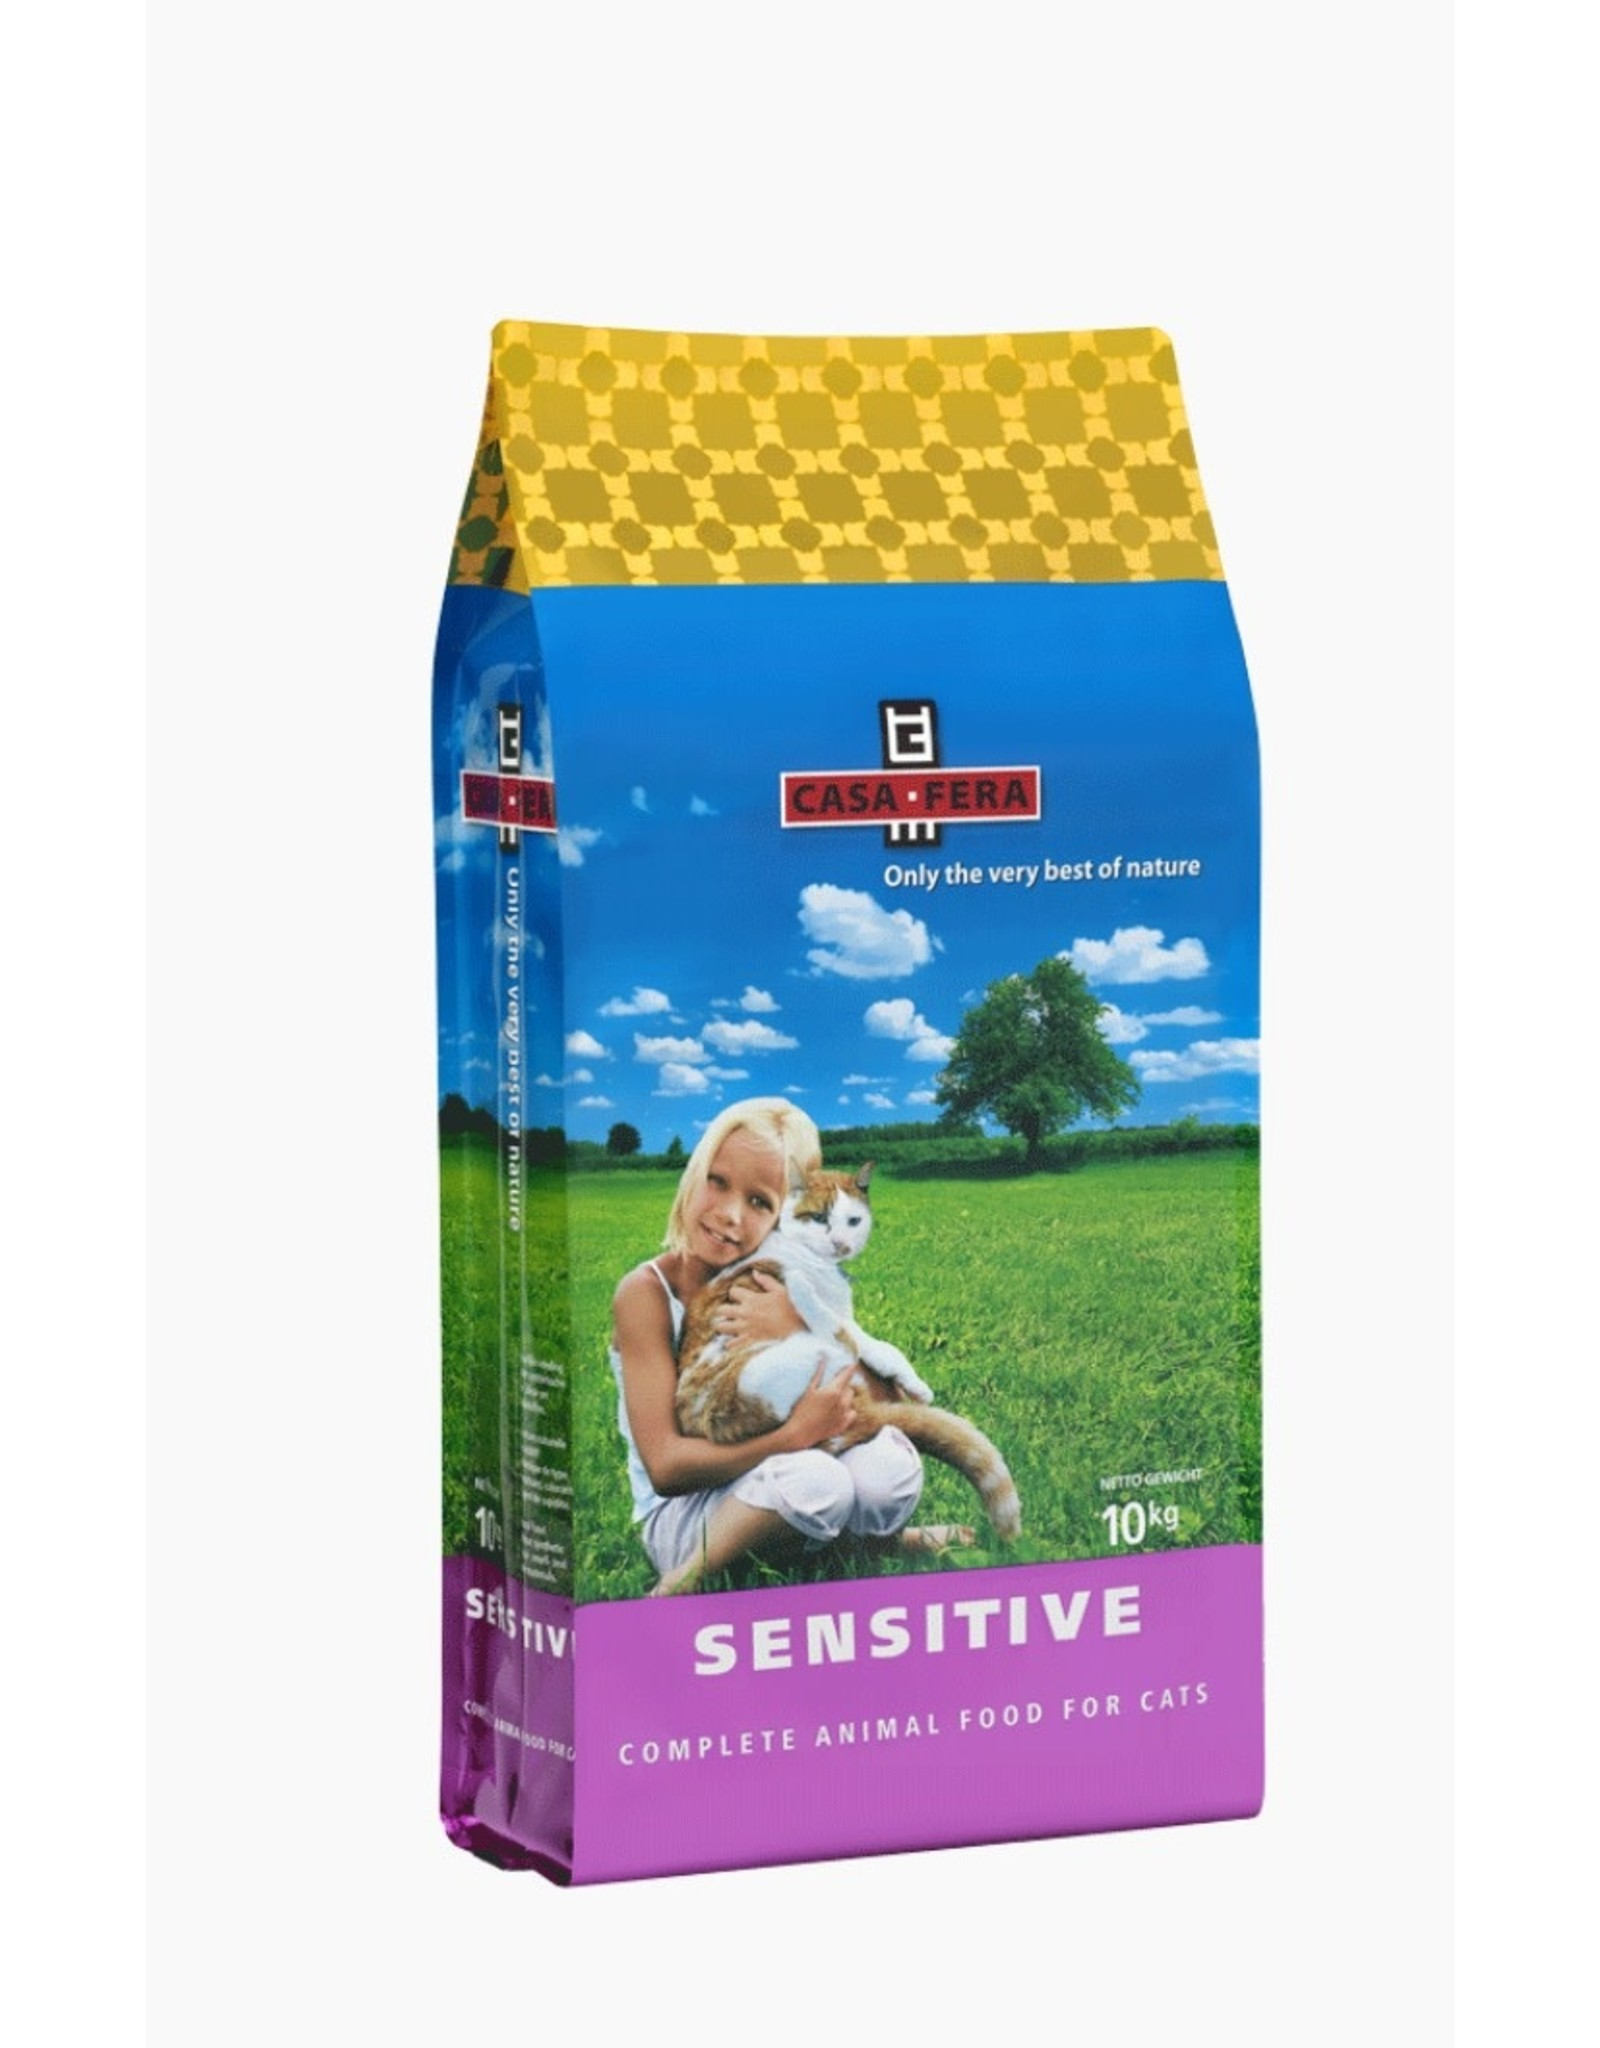 Casa-Fera Cat Sensitive 10Kg